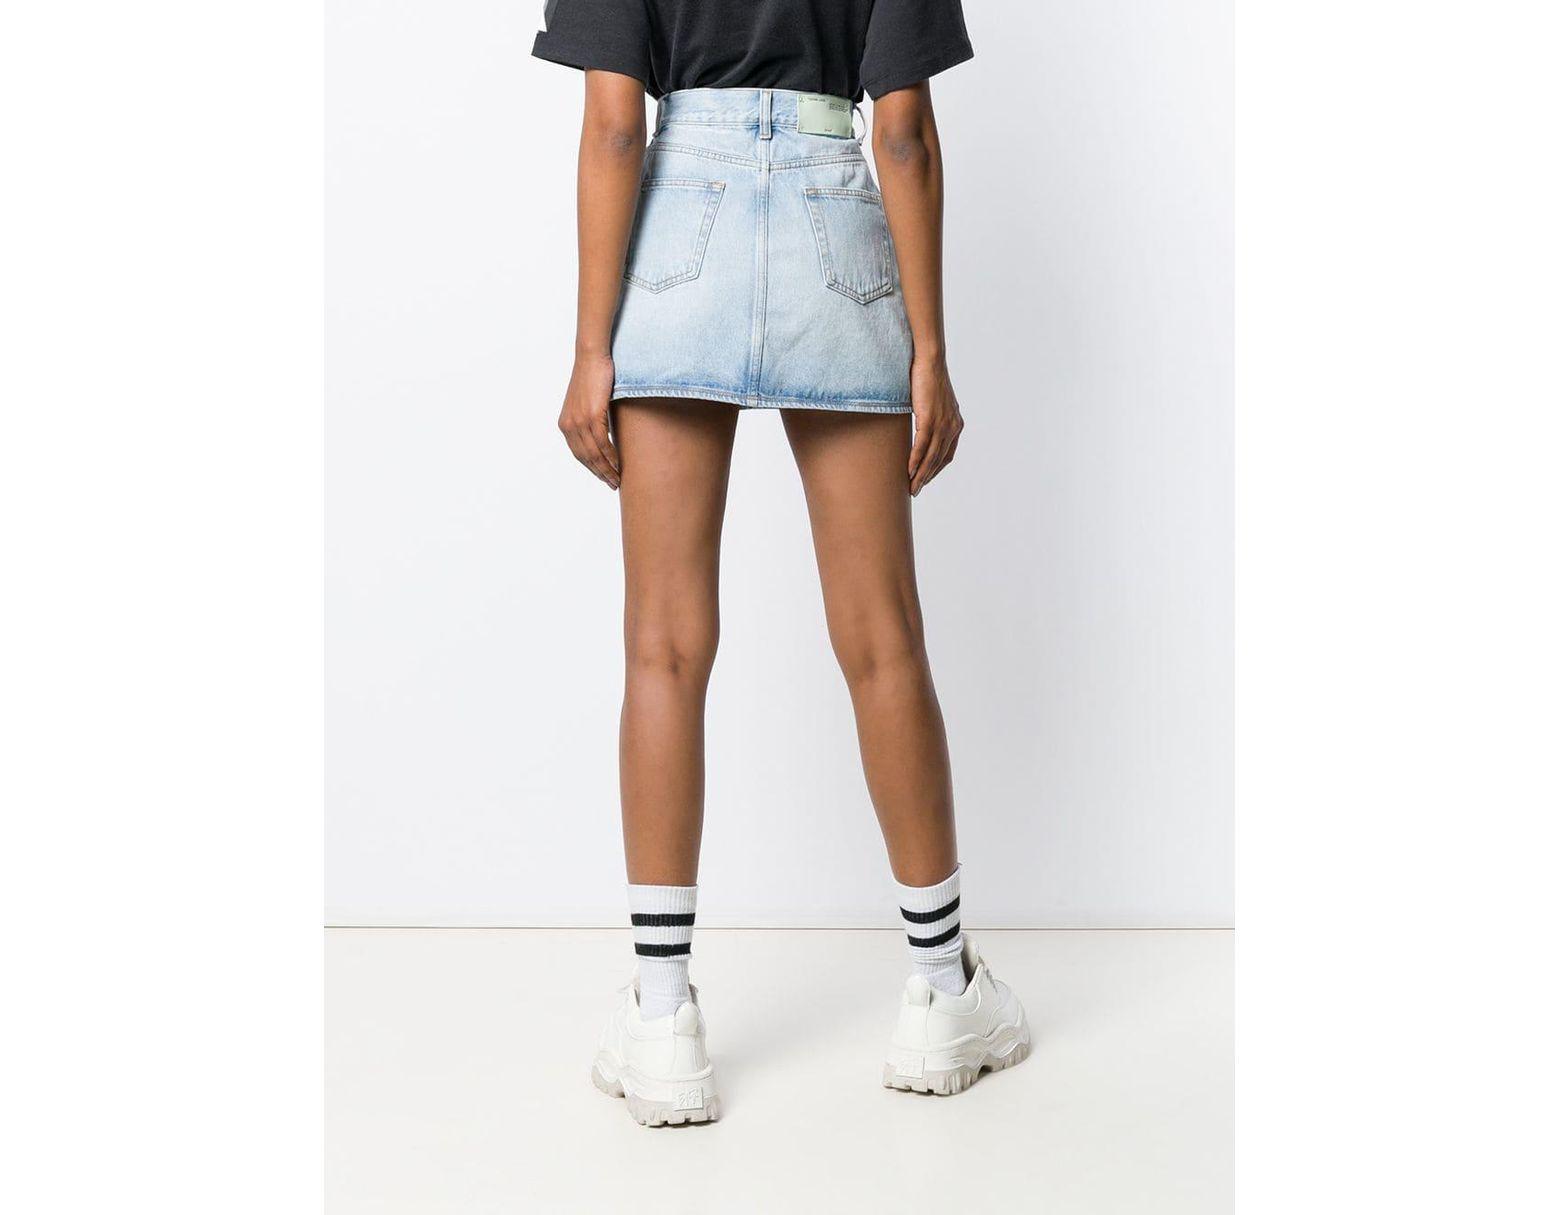 64ea1861b0 Off-White c/o Virgil Abloh Denim Mini Skirt in Blue - Save 40% - Lyst